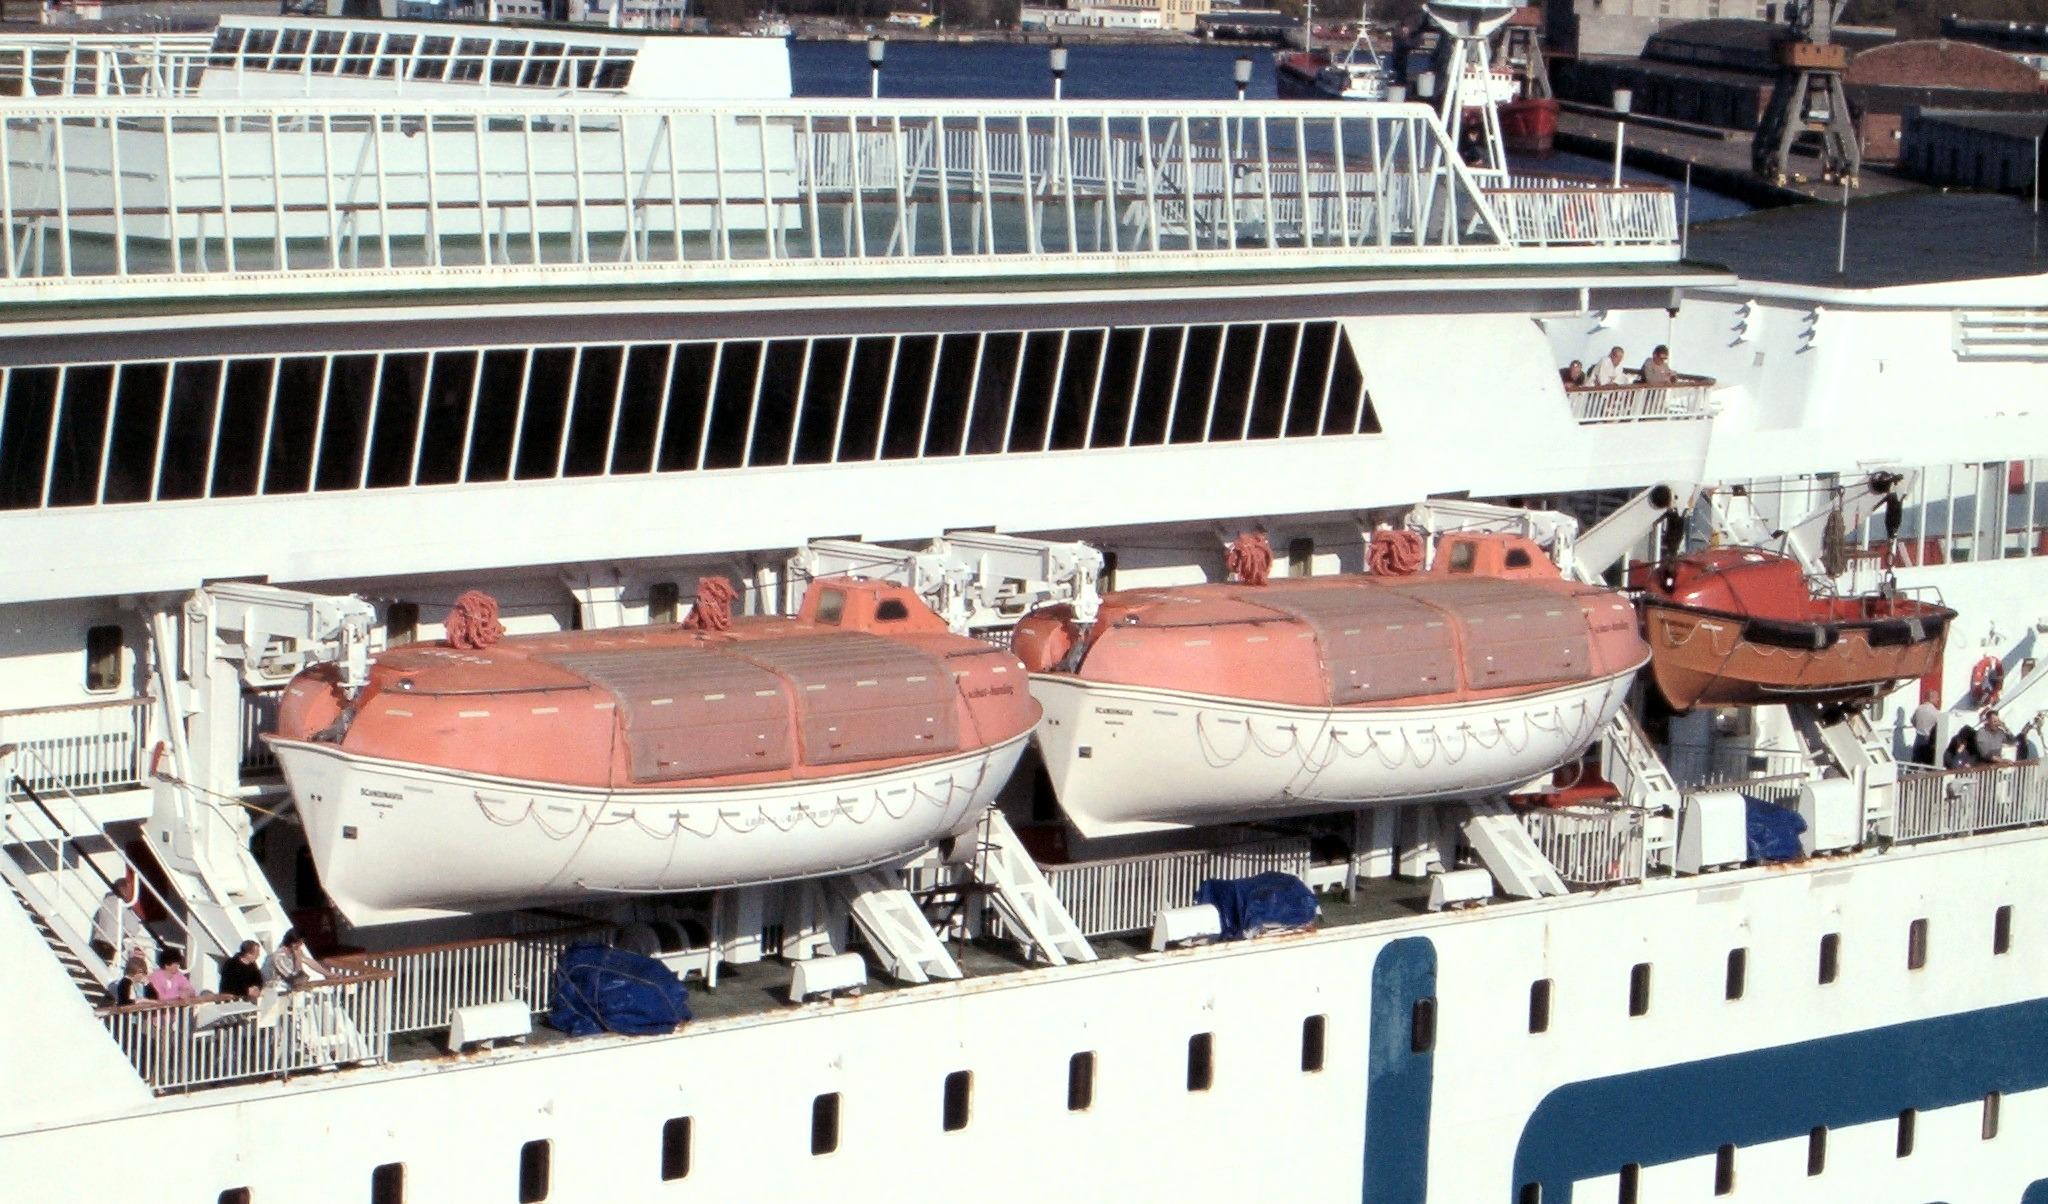 Lifeboat (shipboard) - Wikipedia